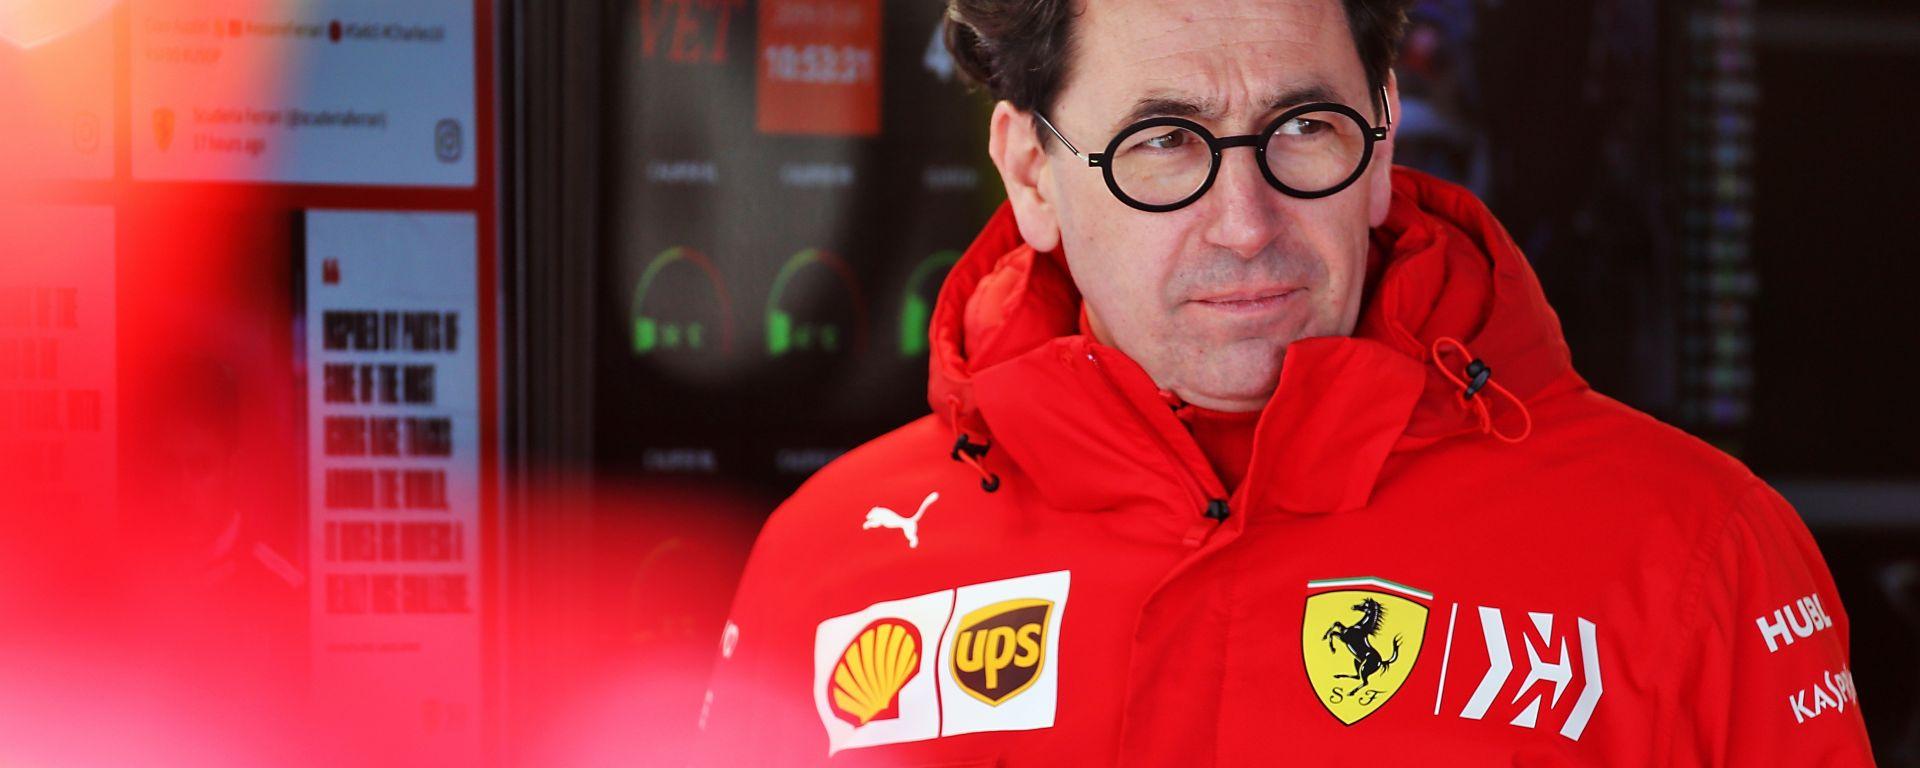 F1 GP Stati Uniti 2019, Austin: Mattia Binotto, team principal della Ferrari